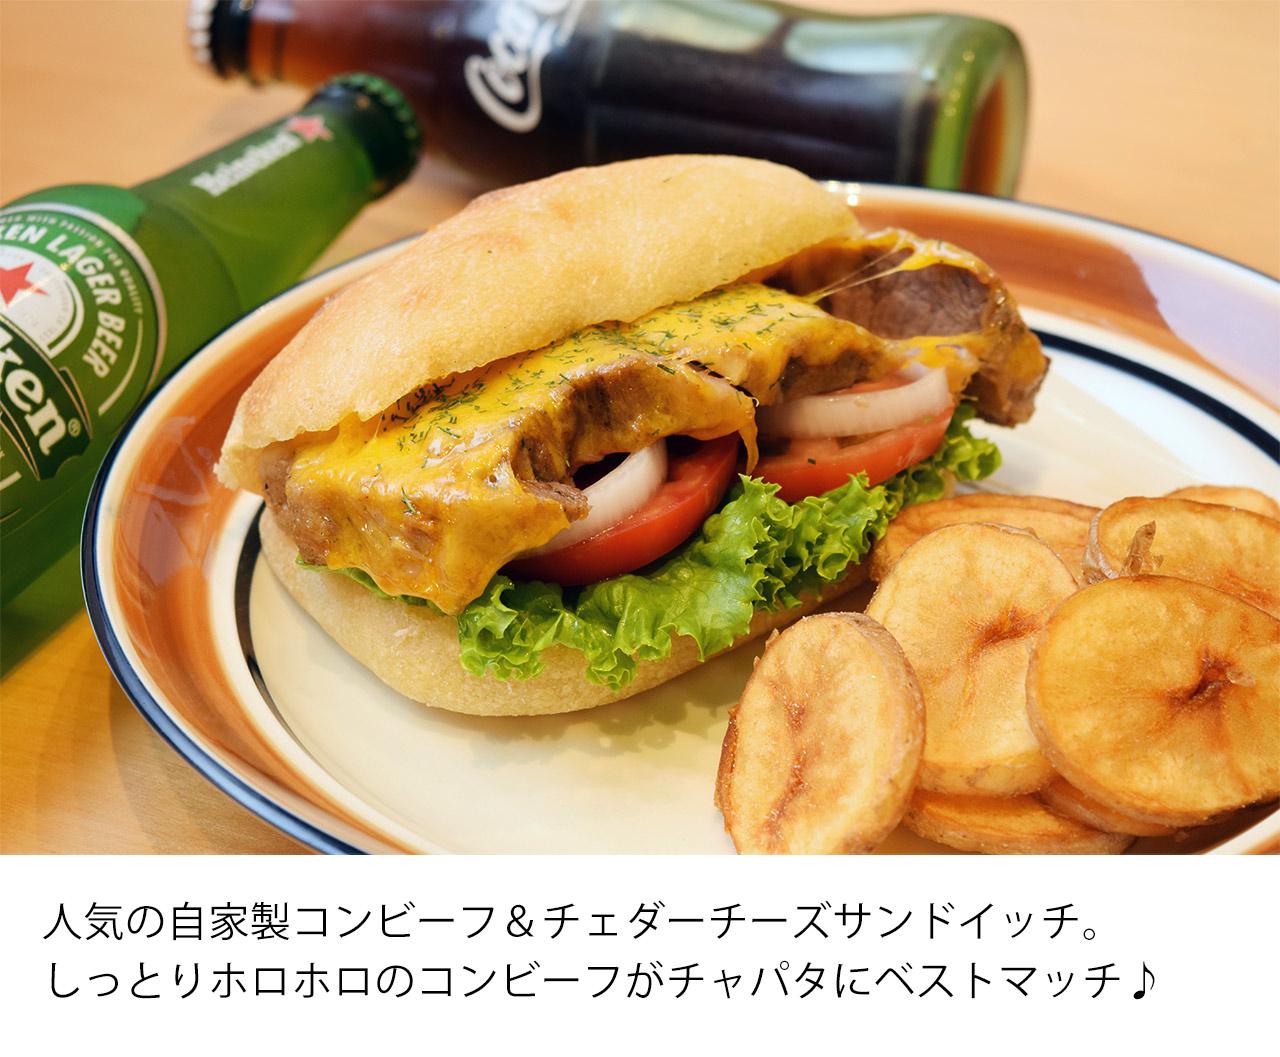 人気の自家製コンビーフ&チェダーチーズサンドイッチ。しっとりホロホロのコンビーフがチャパタにベストマッチ♪